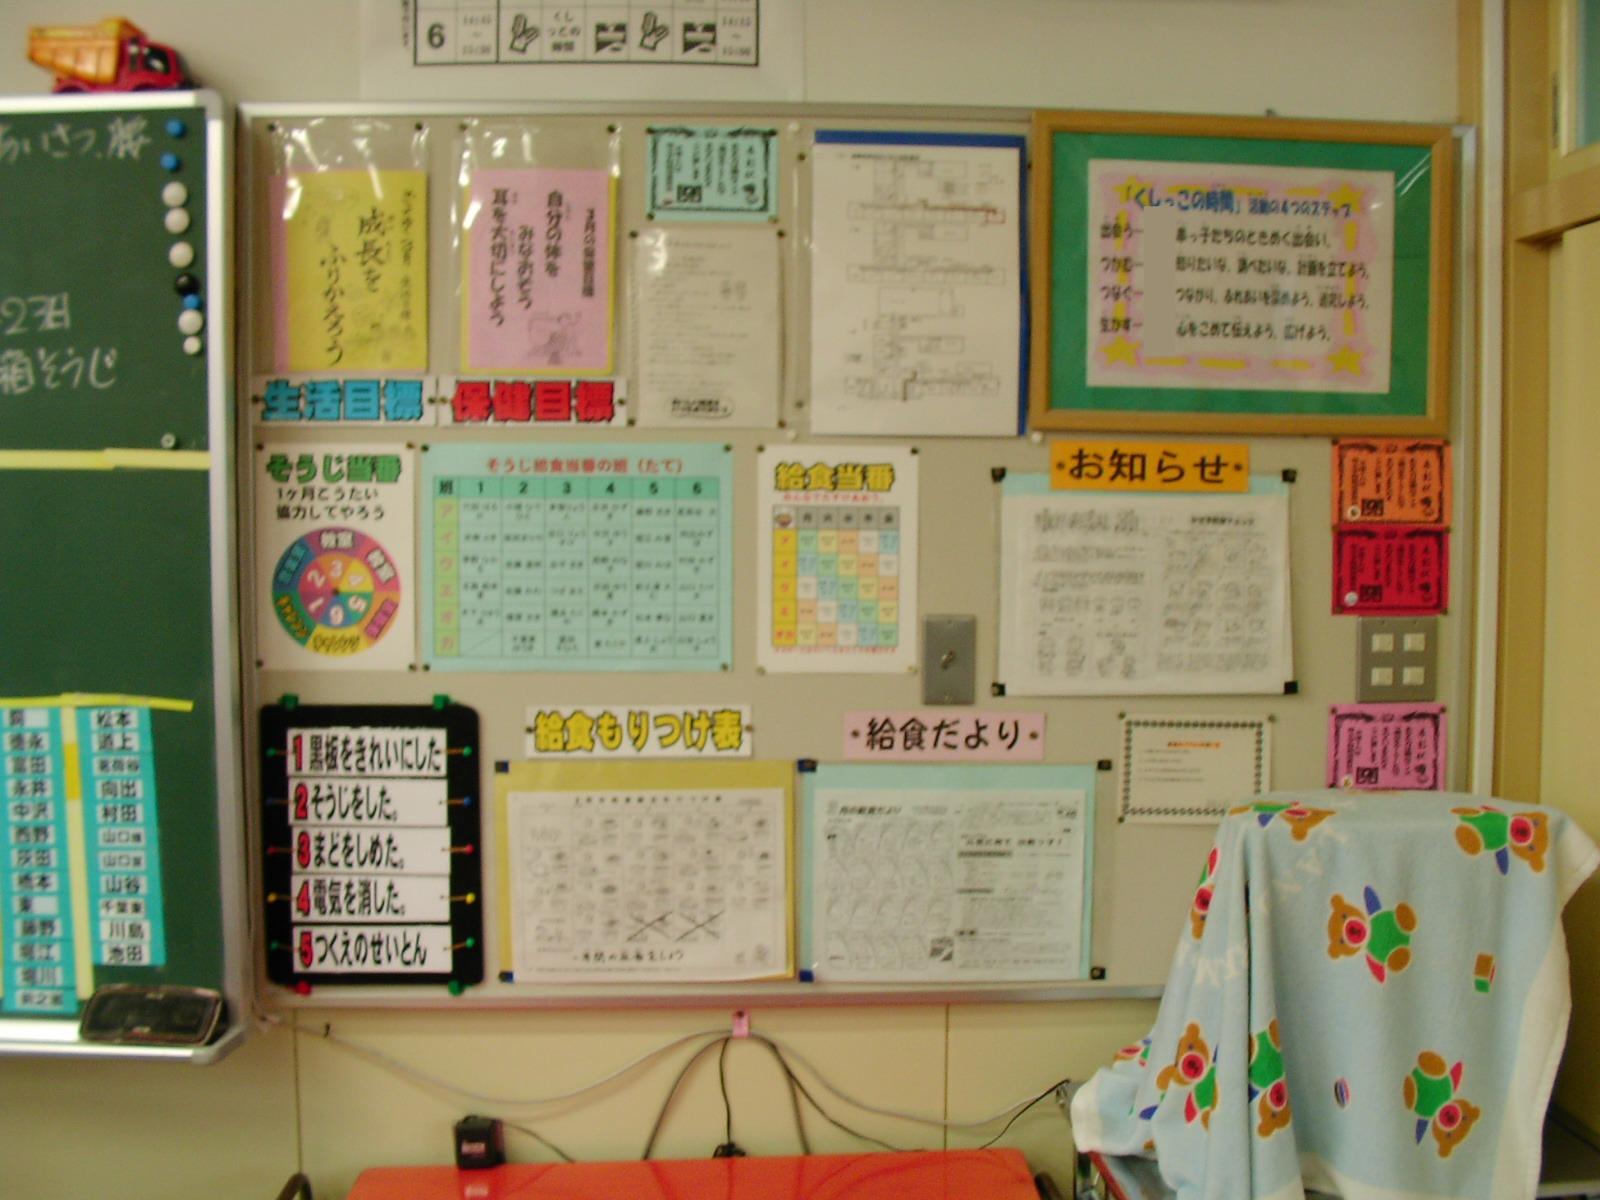 中学 中学1年生 英語 : SANY0085.JPG: 教室の掲示物 ...